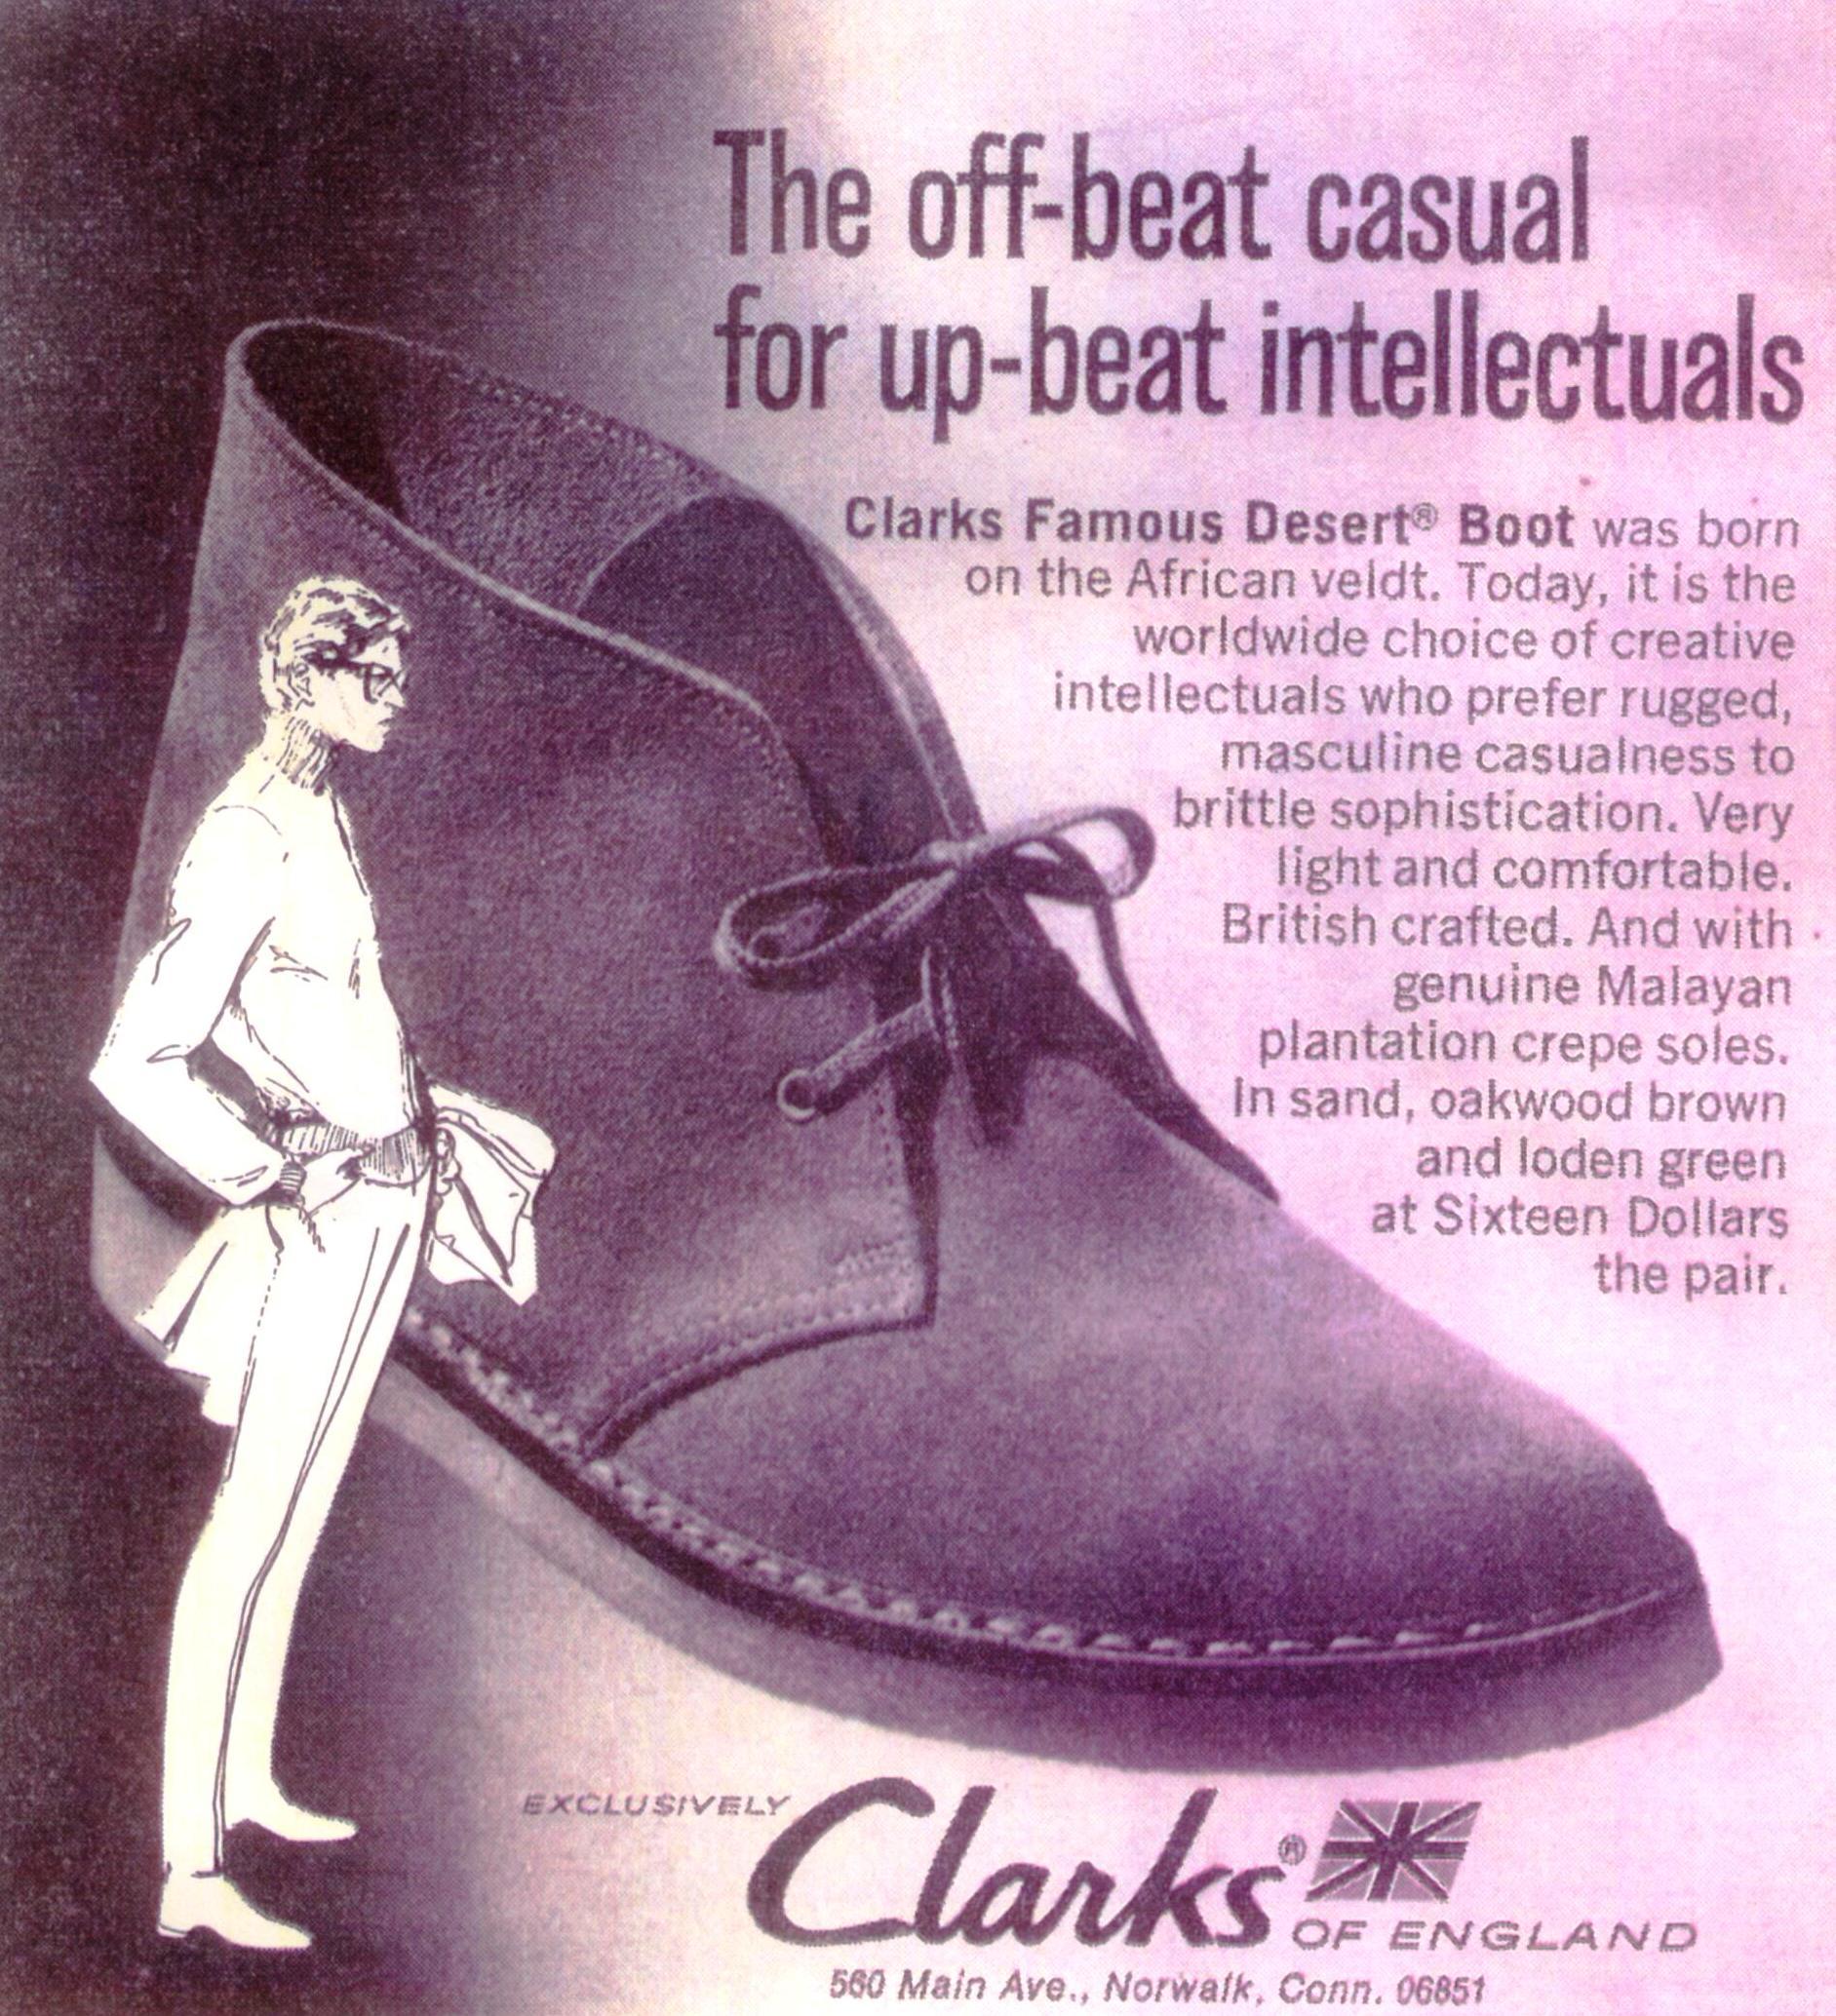 1960s_advertisement